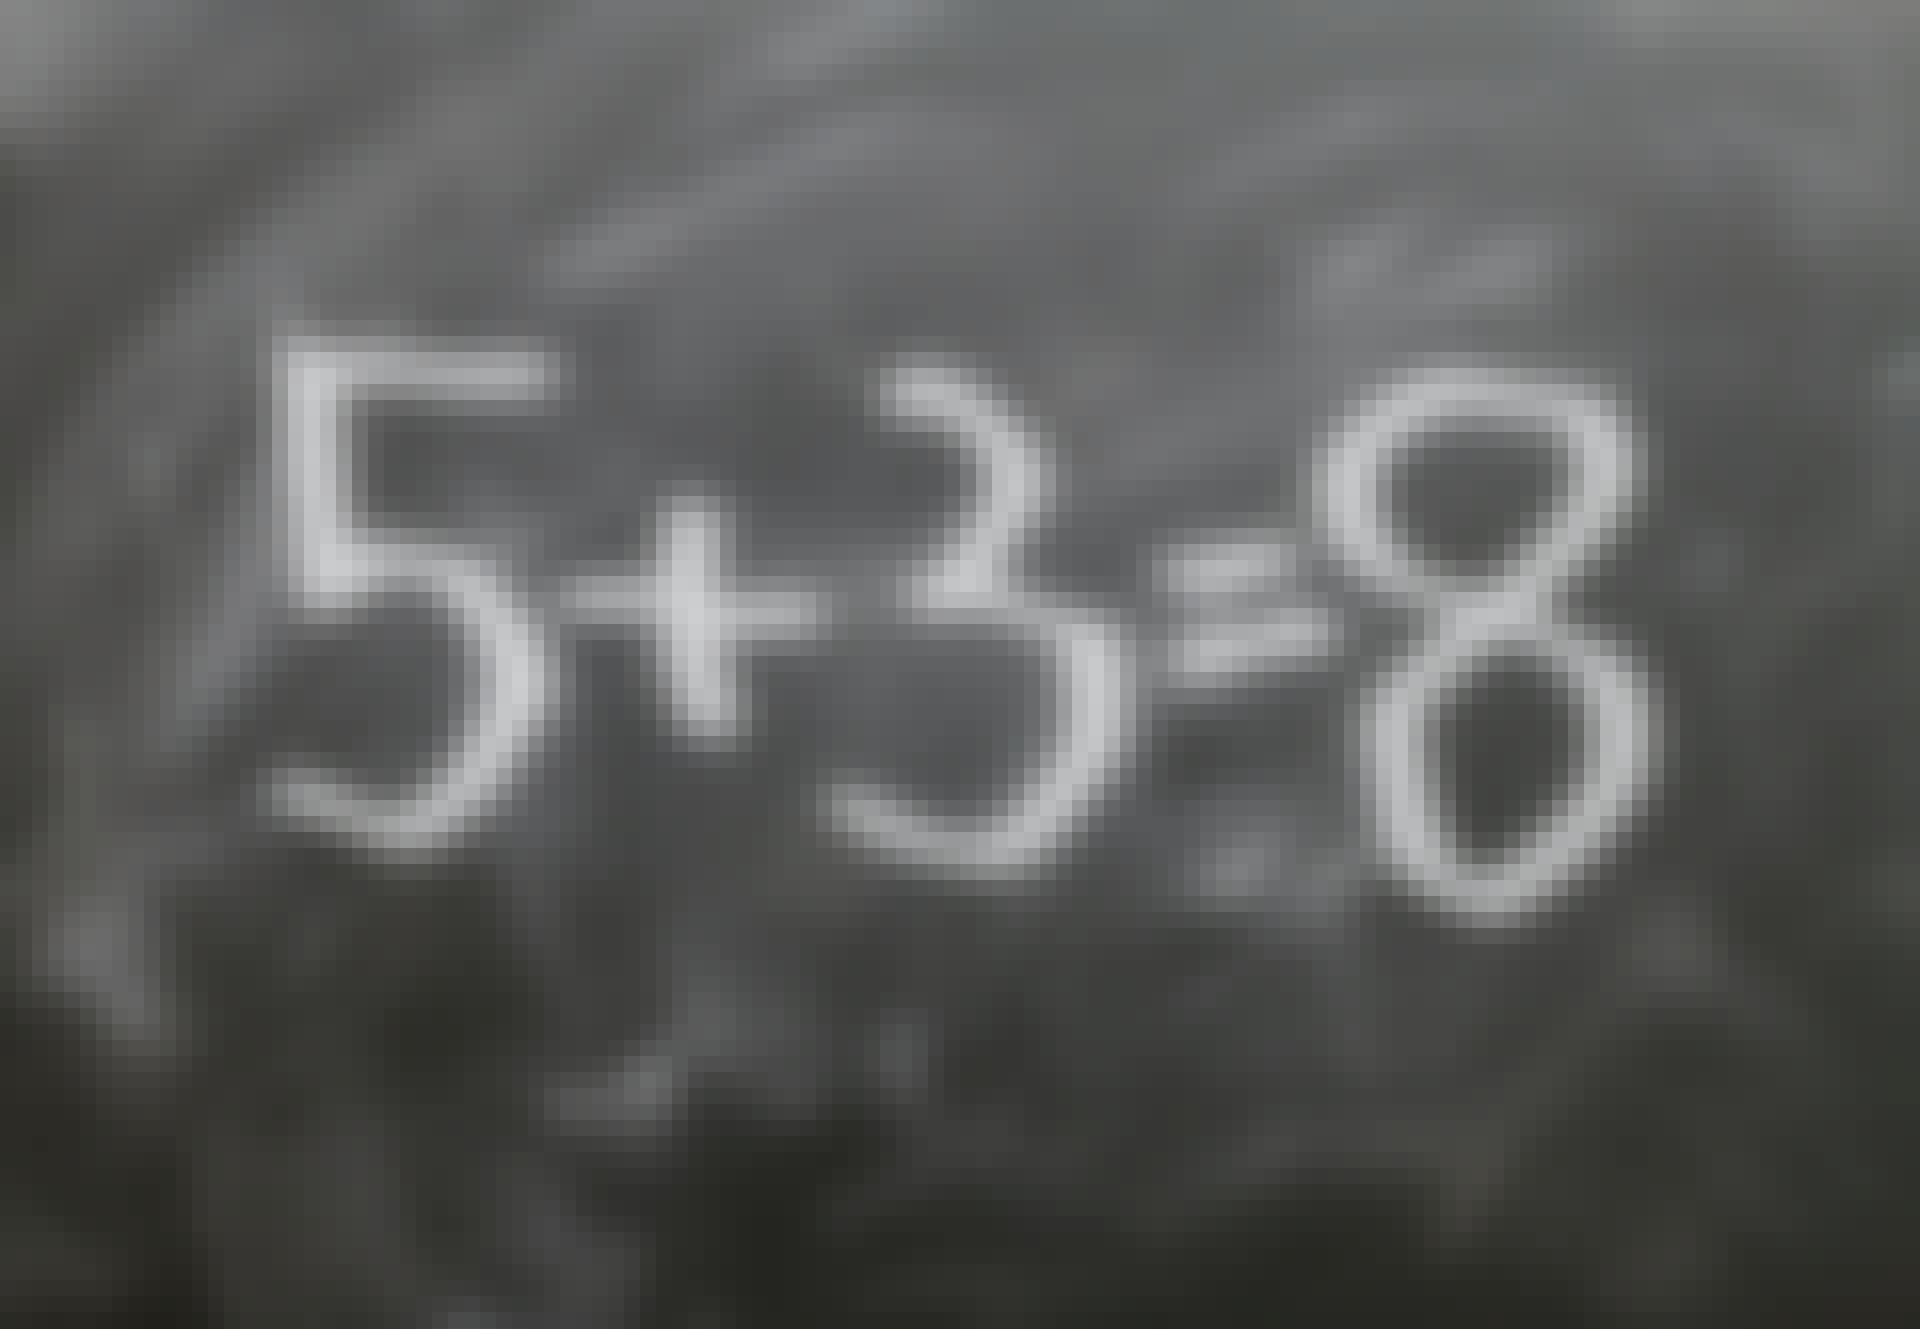 tal matematik